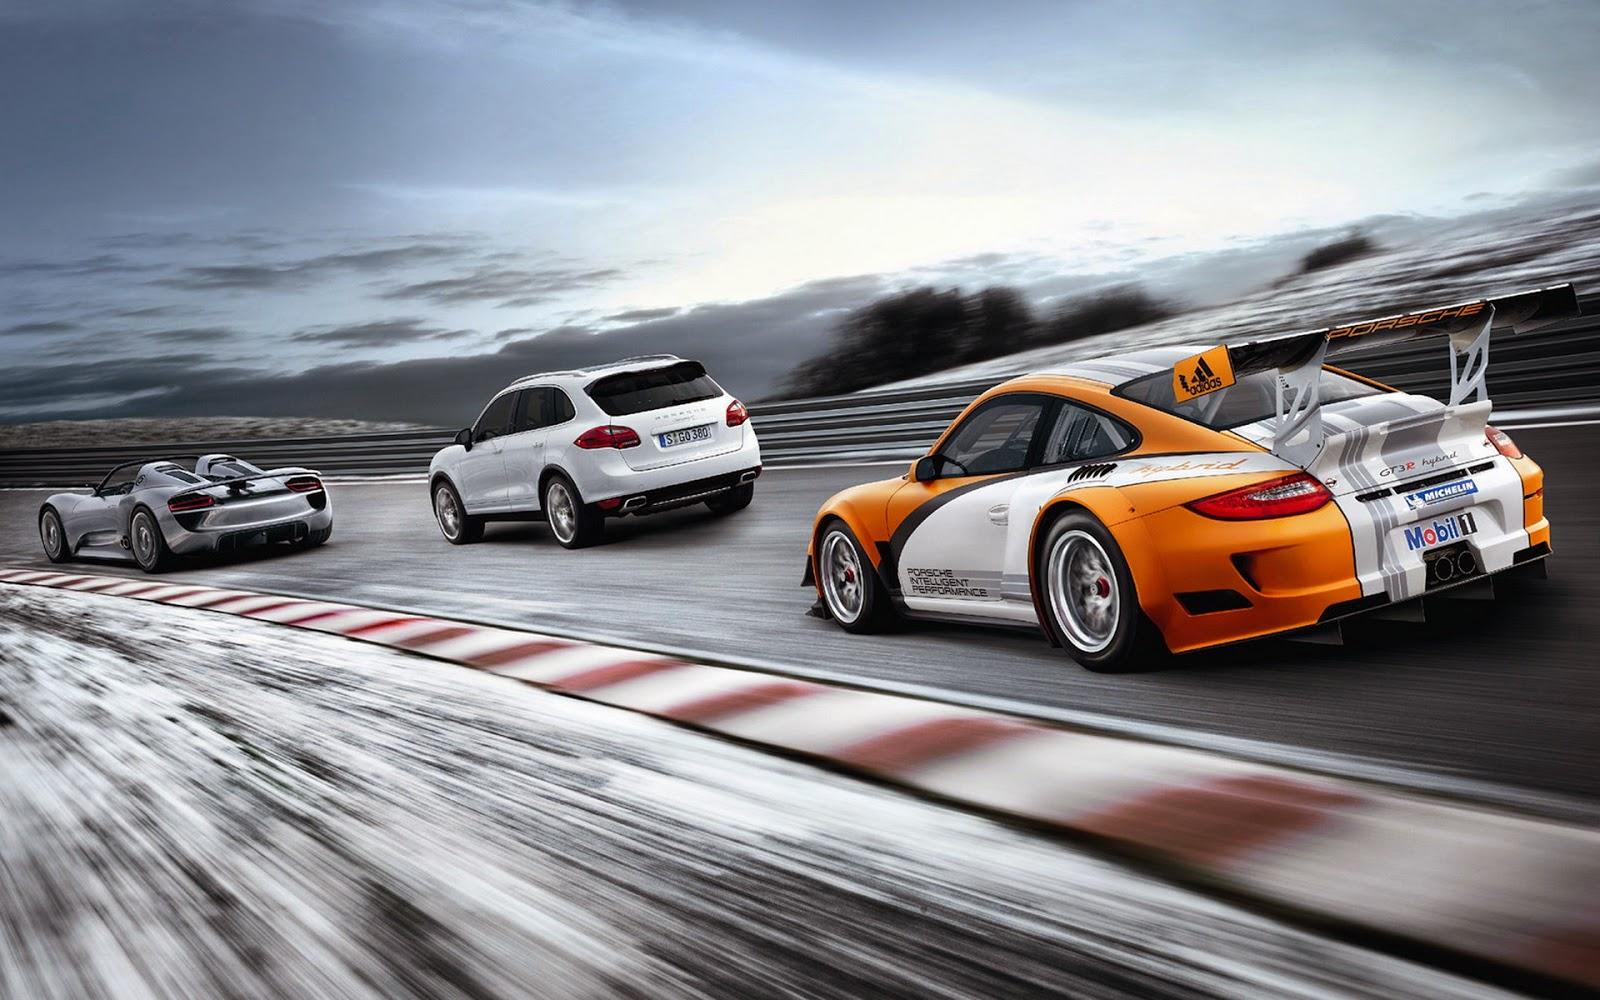 Wallpaper met racewagensop de weg